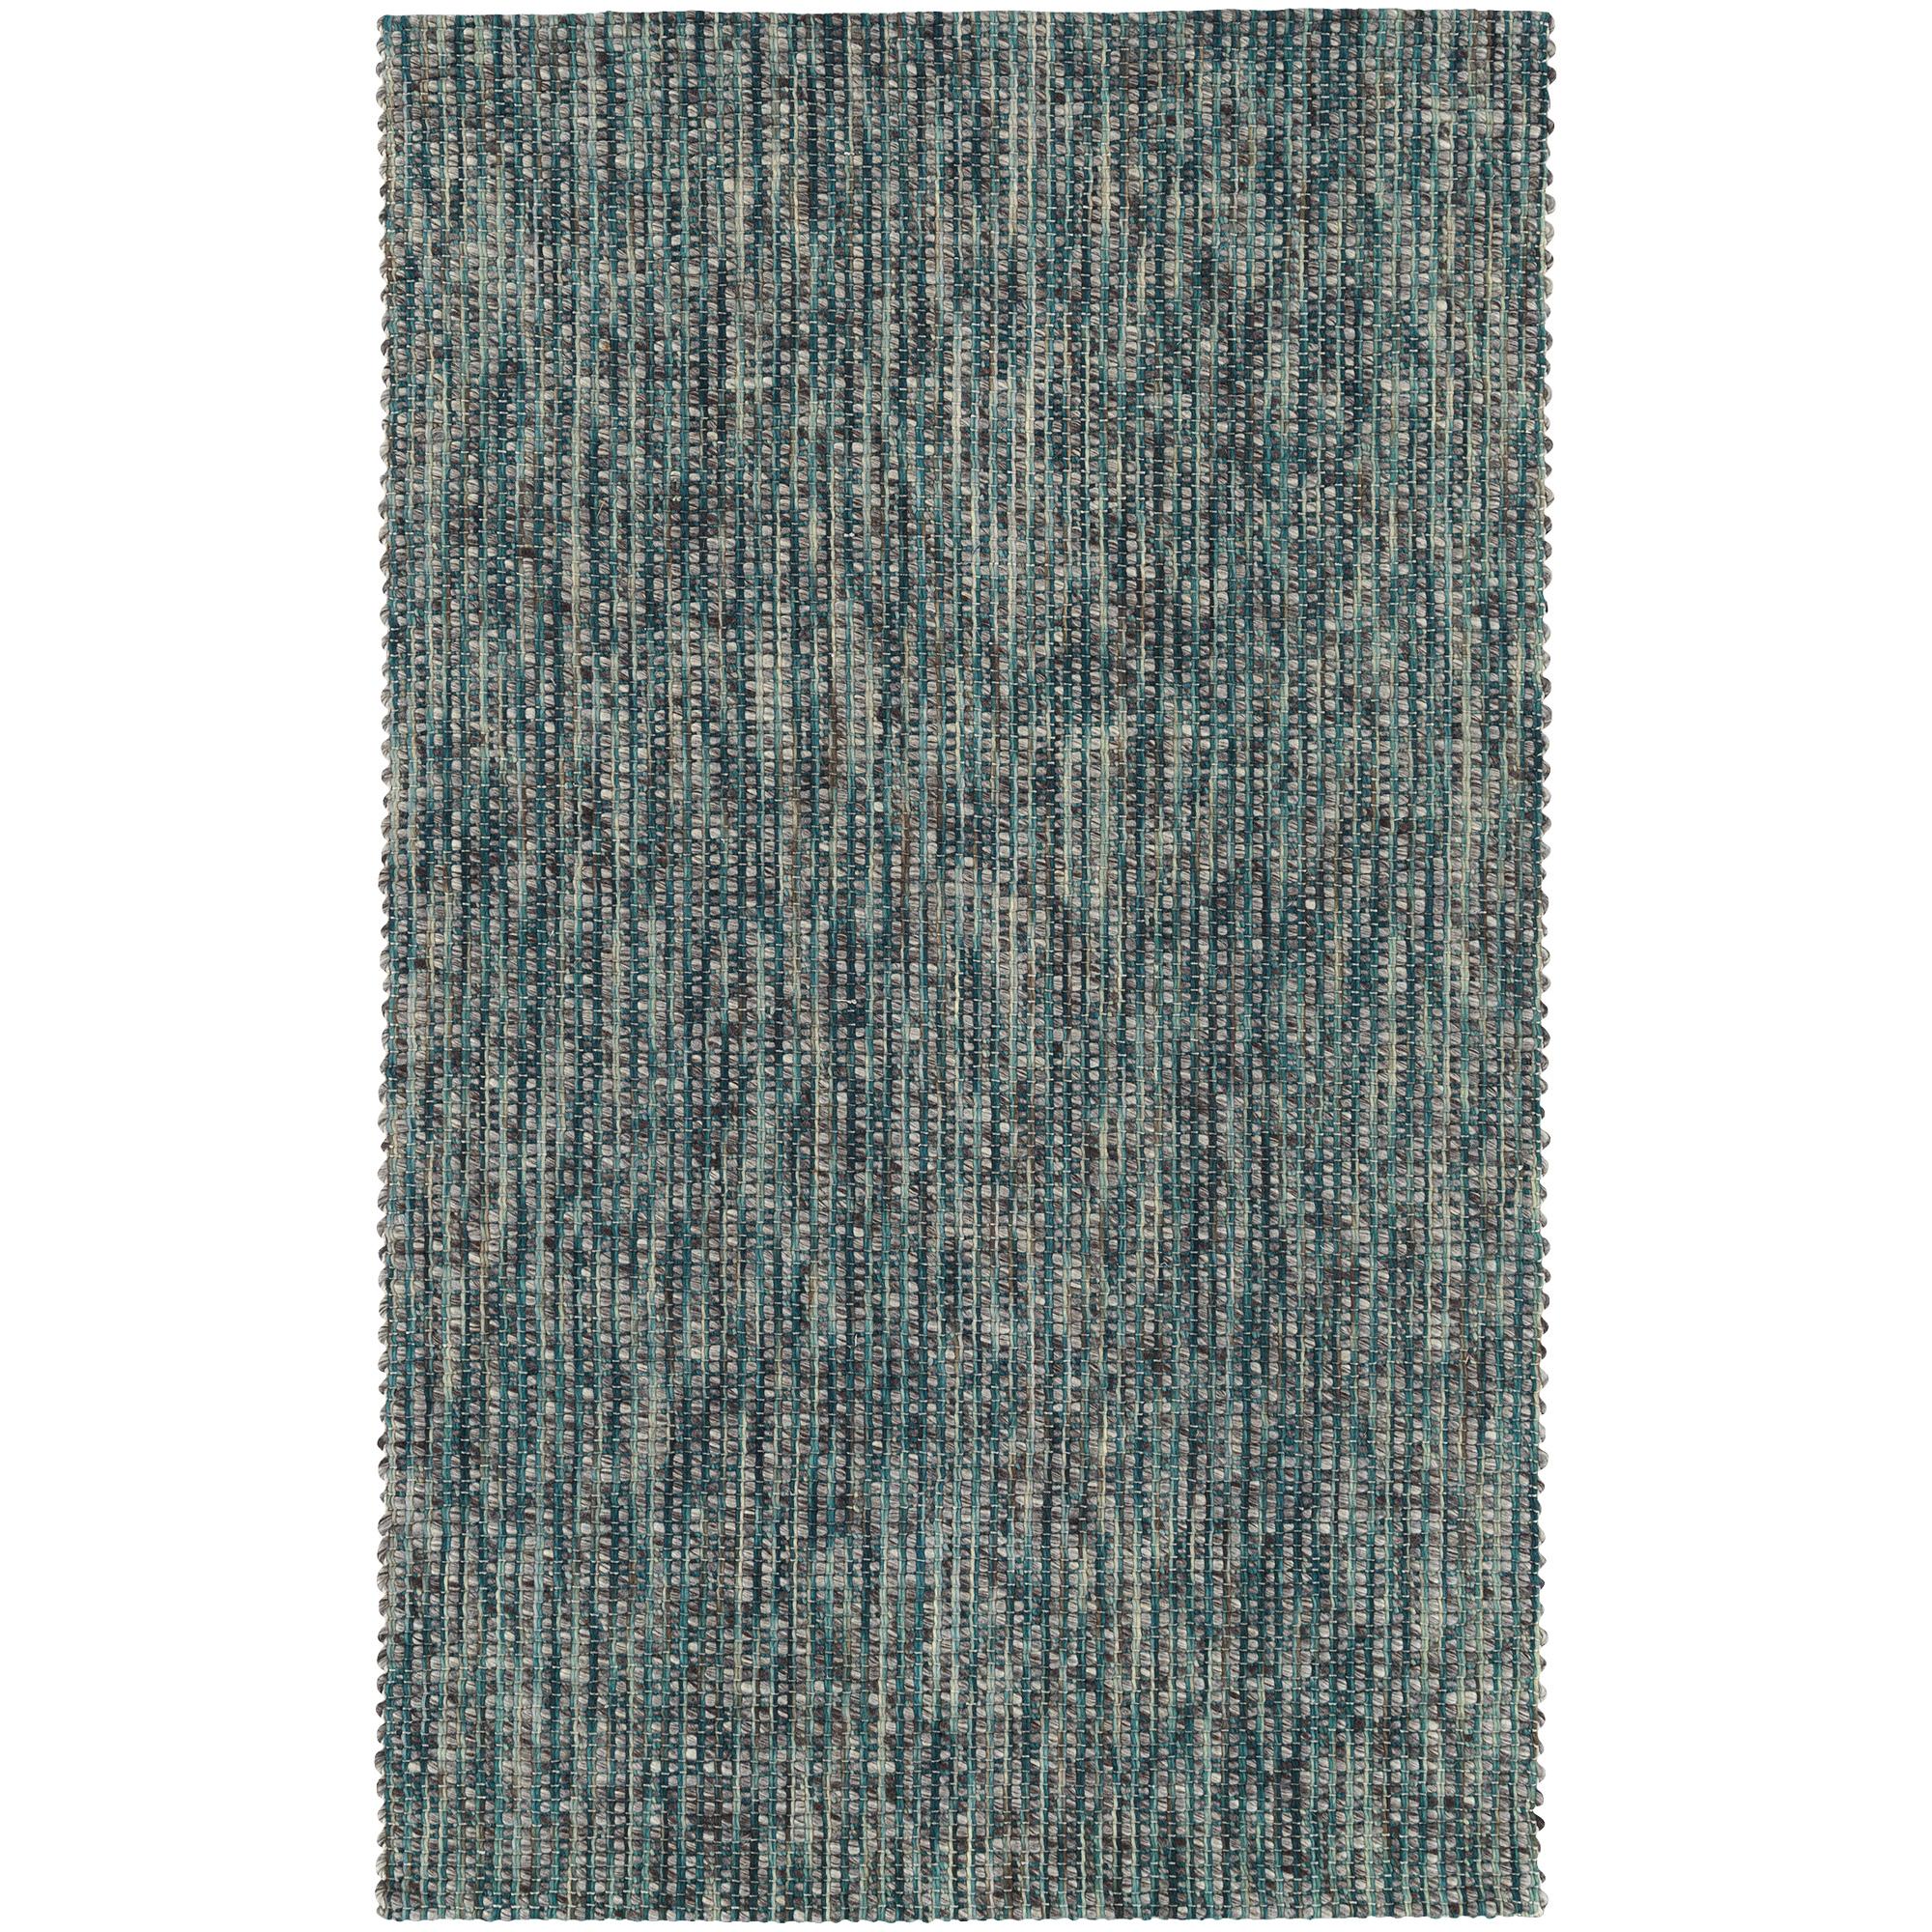 Dalyn Rug | Bondi Turquoise 8x10 Area Rug